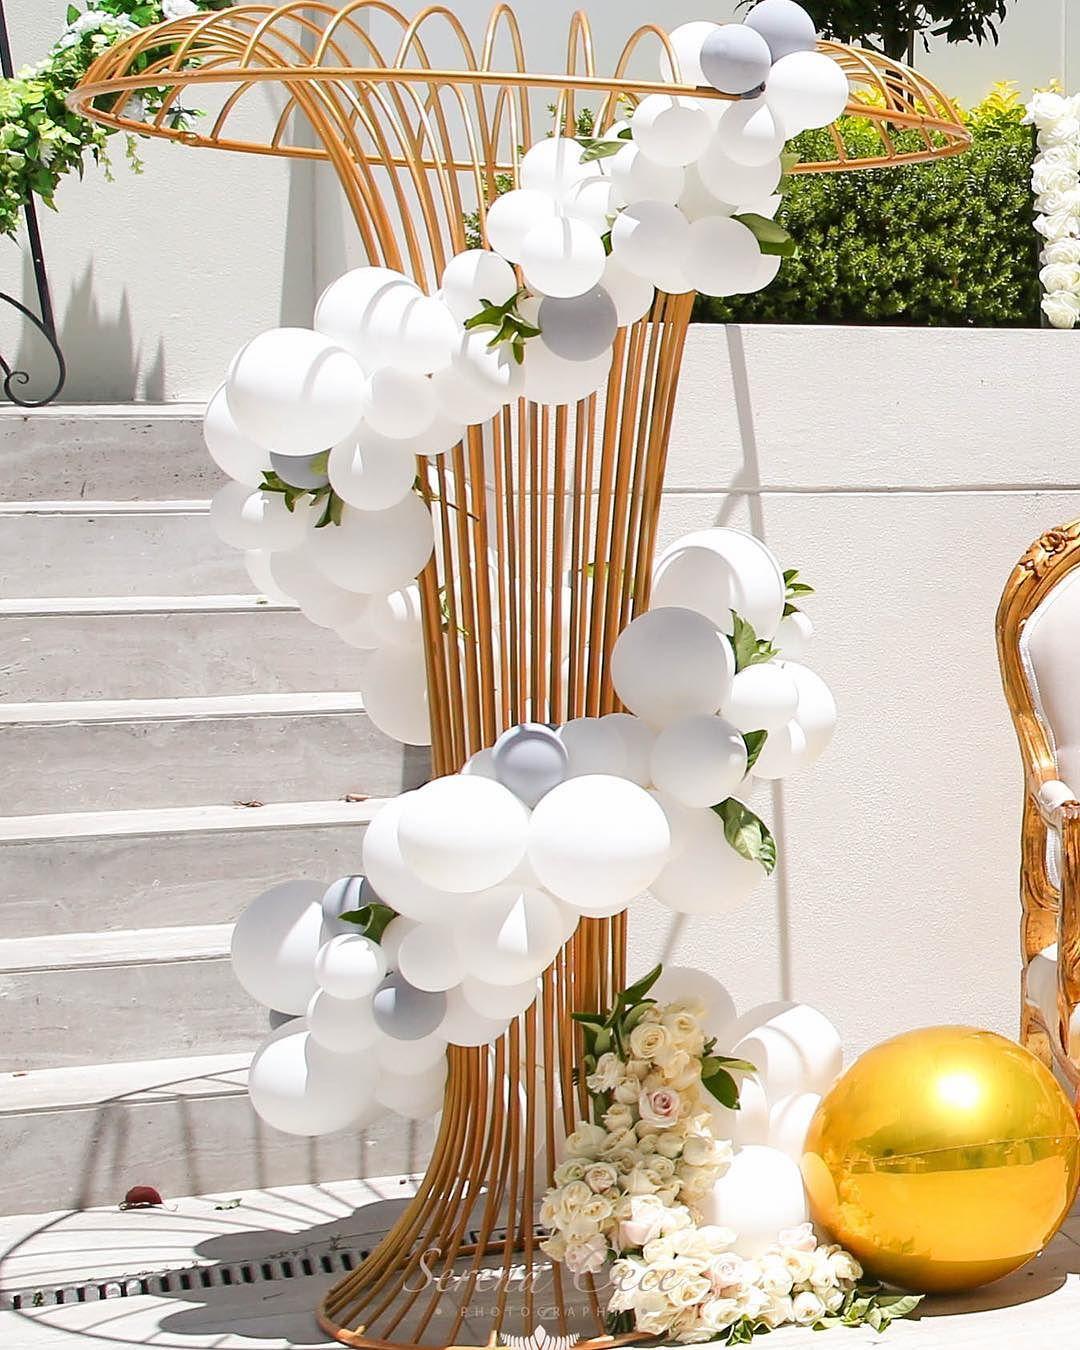 ideas para decoracion de fiestas modernas y economicas (4)